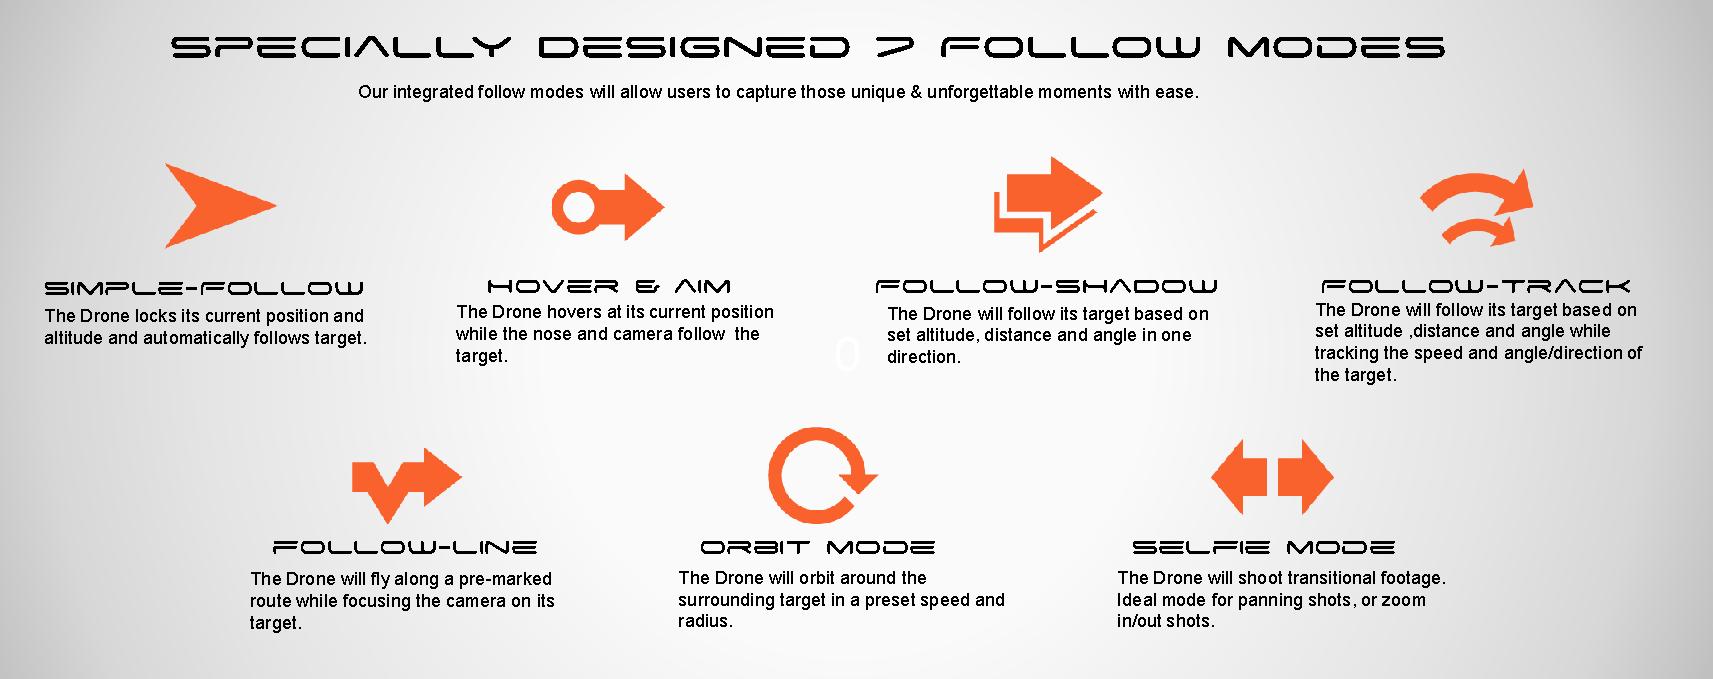 The Follow Modes